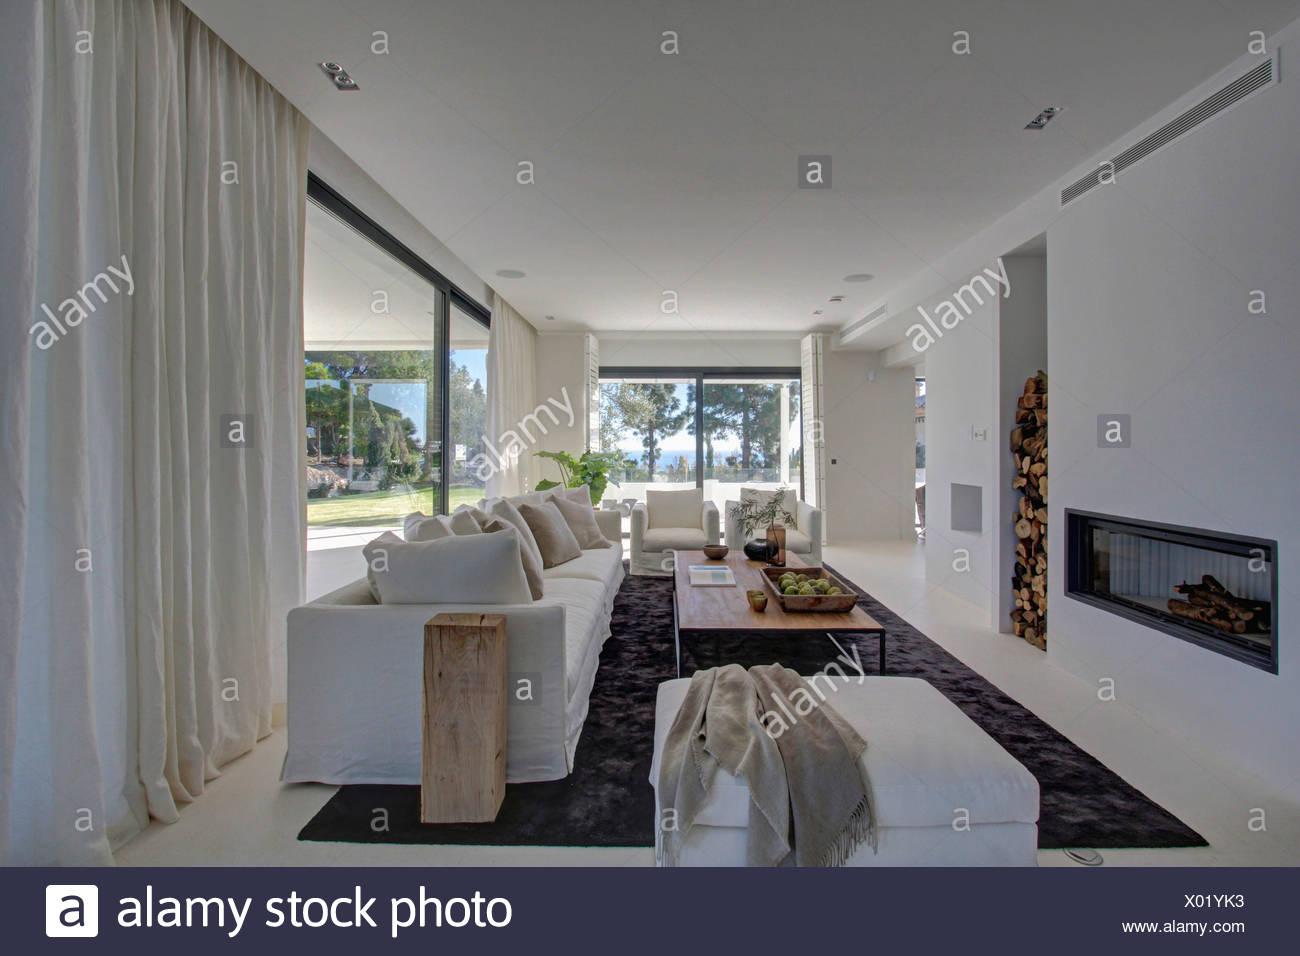 Cortinas Blancas En Las Ventanas Grandes En Blanco Moderno